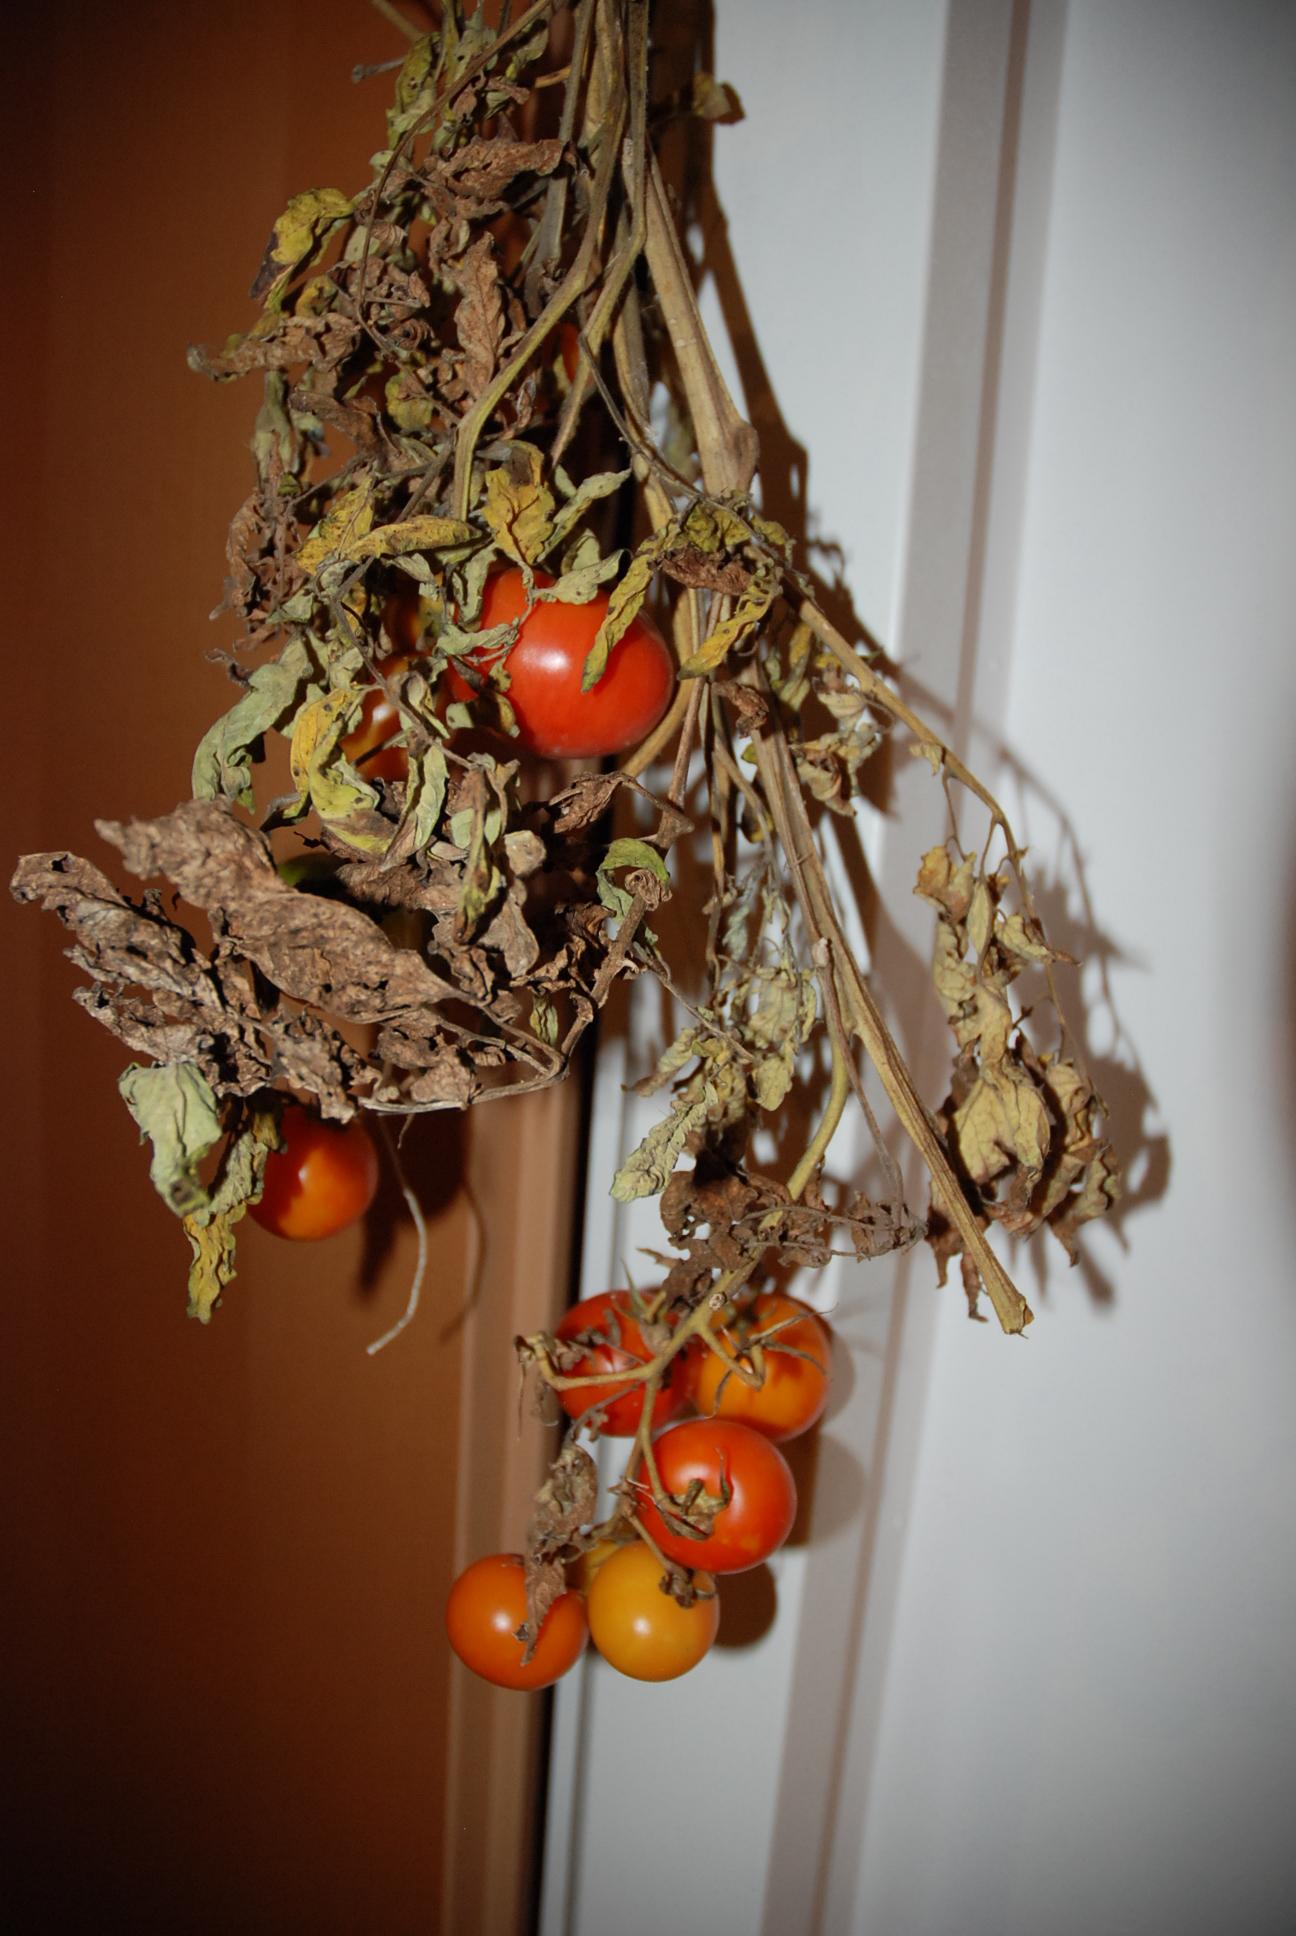 gartentipp 1 tomaten paradeiser nachreifen lassen fit happy. Black Bedroom Furniture Sets. Home Design Ideas